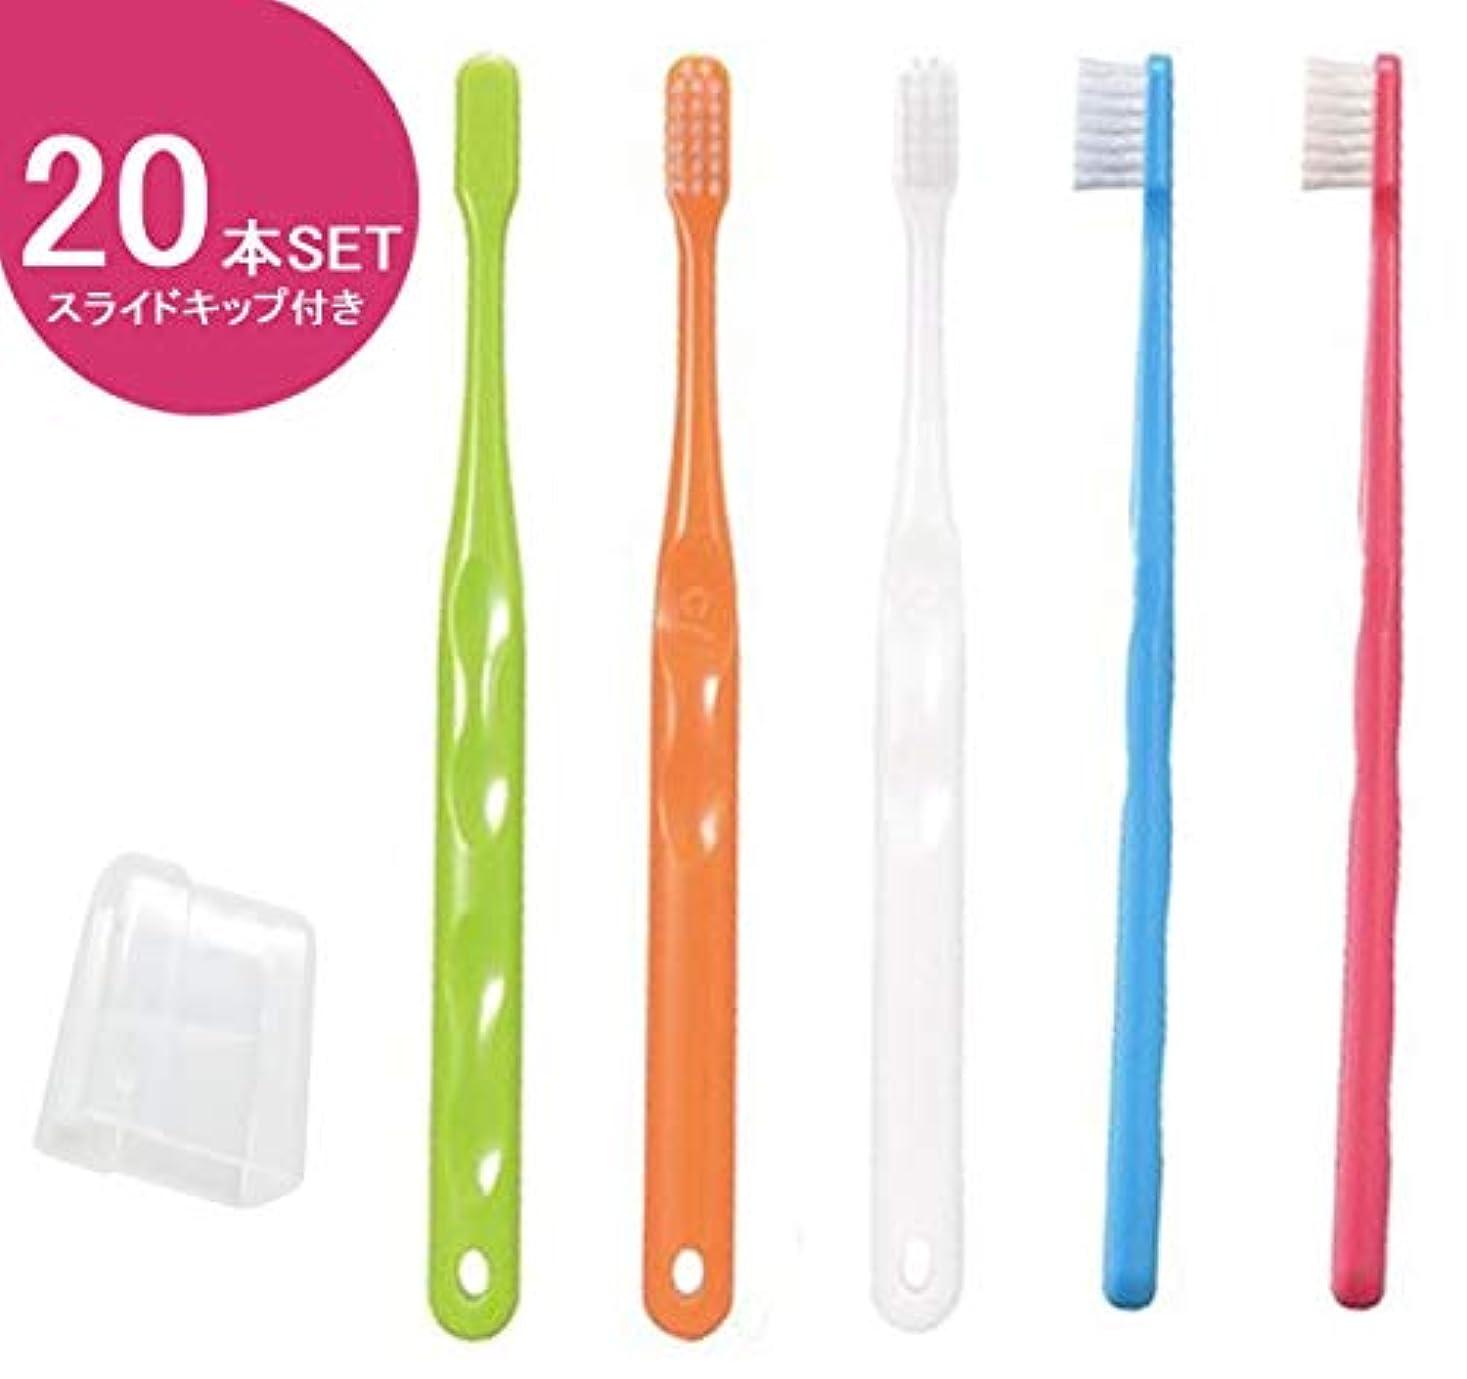 合わせてキャンバス消費者Ciメディカル Ci700 (超先細+ラウンド毛) 歯ブラシ M(ふつう) スライドキャップ付き 20本